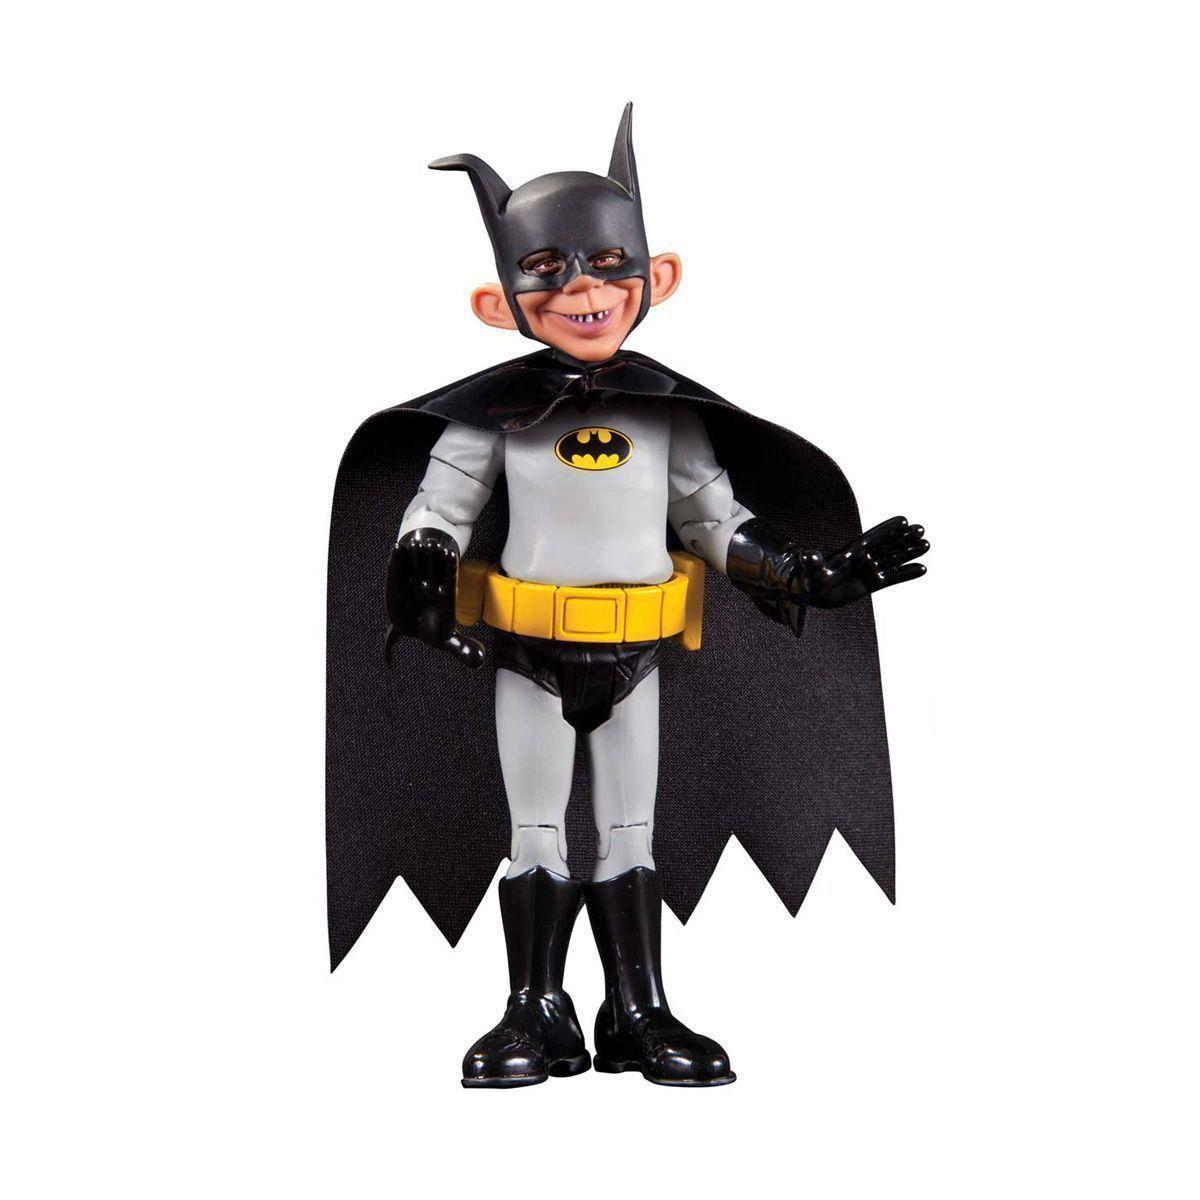 Boneco (Action Figure) MAD Just-Us League Batman